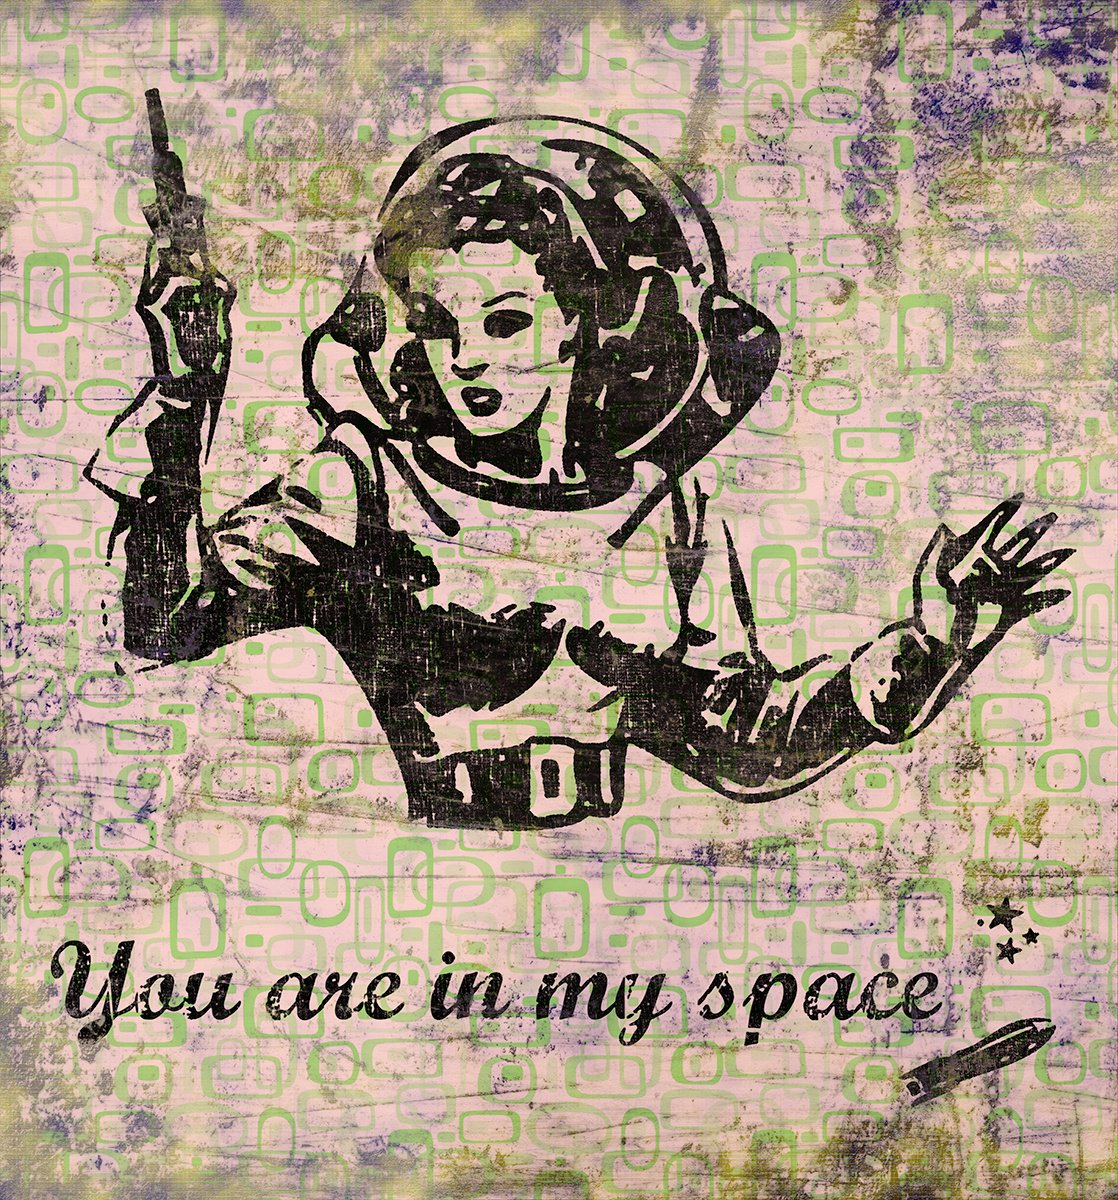 https://0201.nccdn.net/1_2/000/000/0f9/68a/spacegirl-1118x1200.jpg